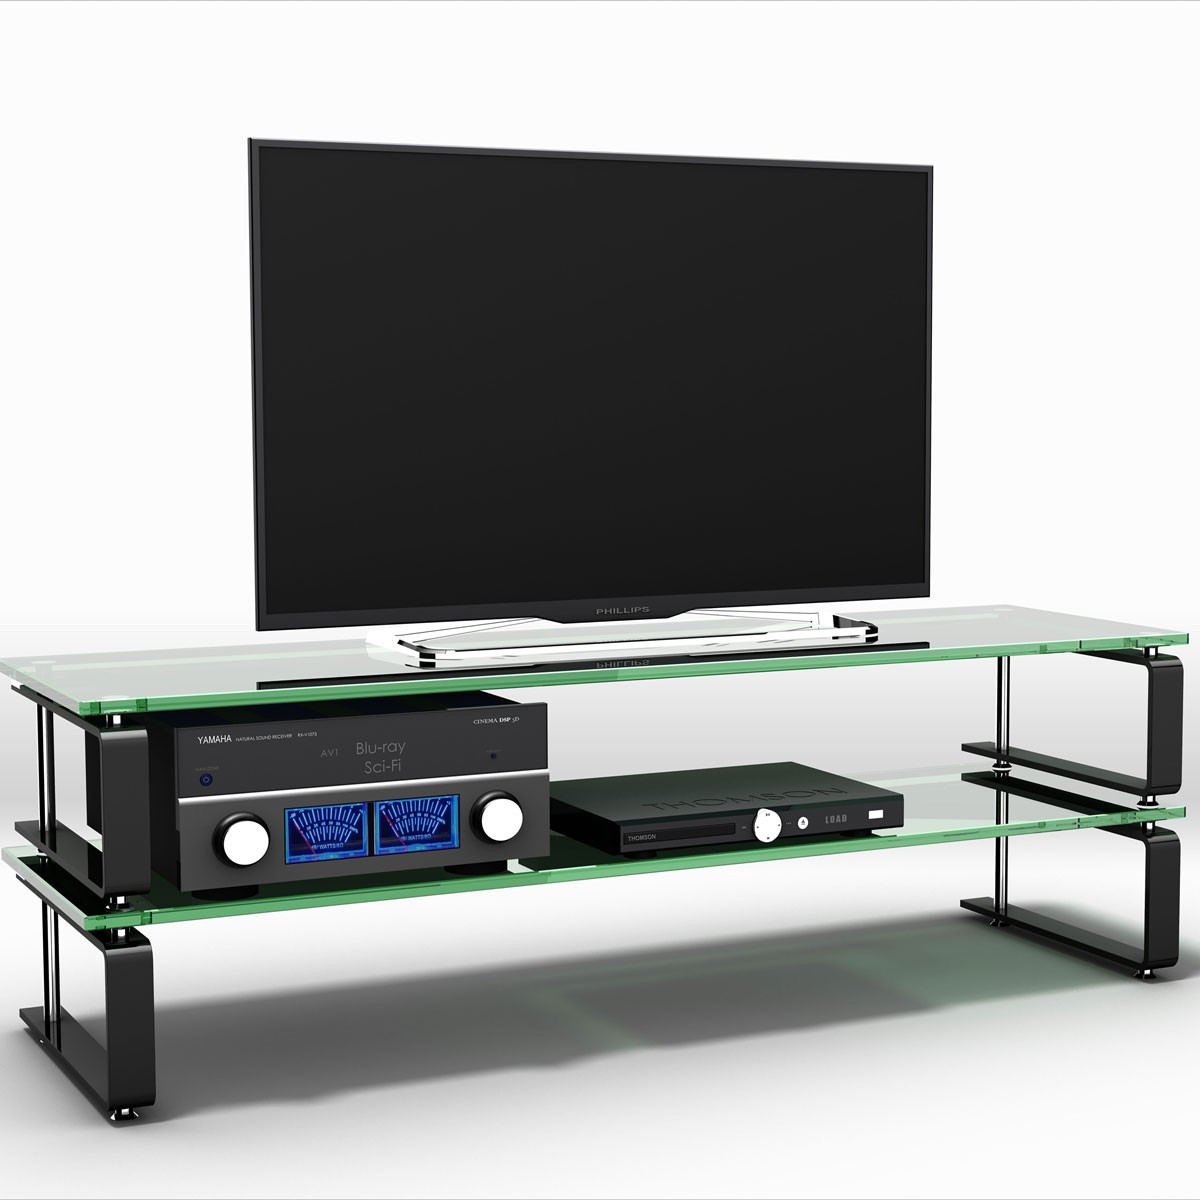 TV und Audiorack. 106,5 x 23 x 46 cm (B x H x T). 2 Ablageböden. Vibrationsgedämpft durch Soundglas. Rahmen aus Edelstahl. Exklusives Design. Modell Ladon TV 1340 von Schroers&Schroers.